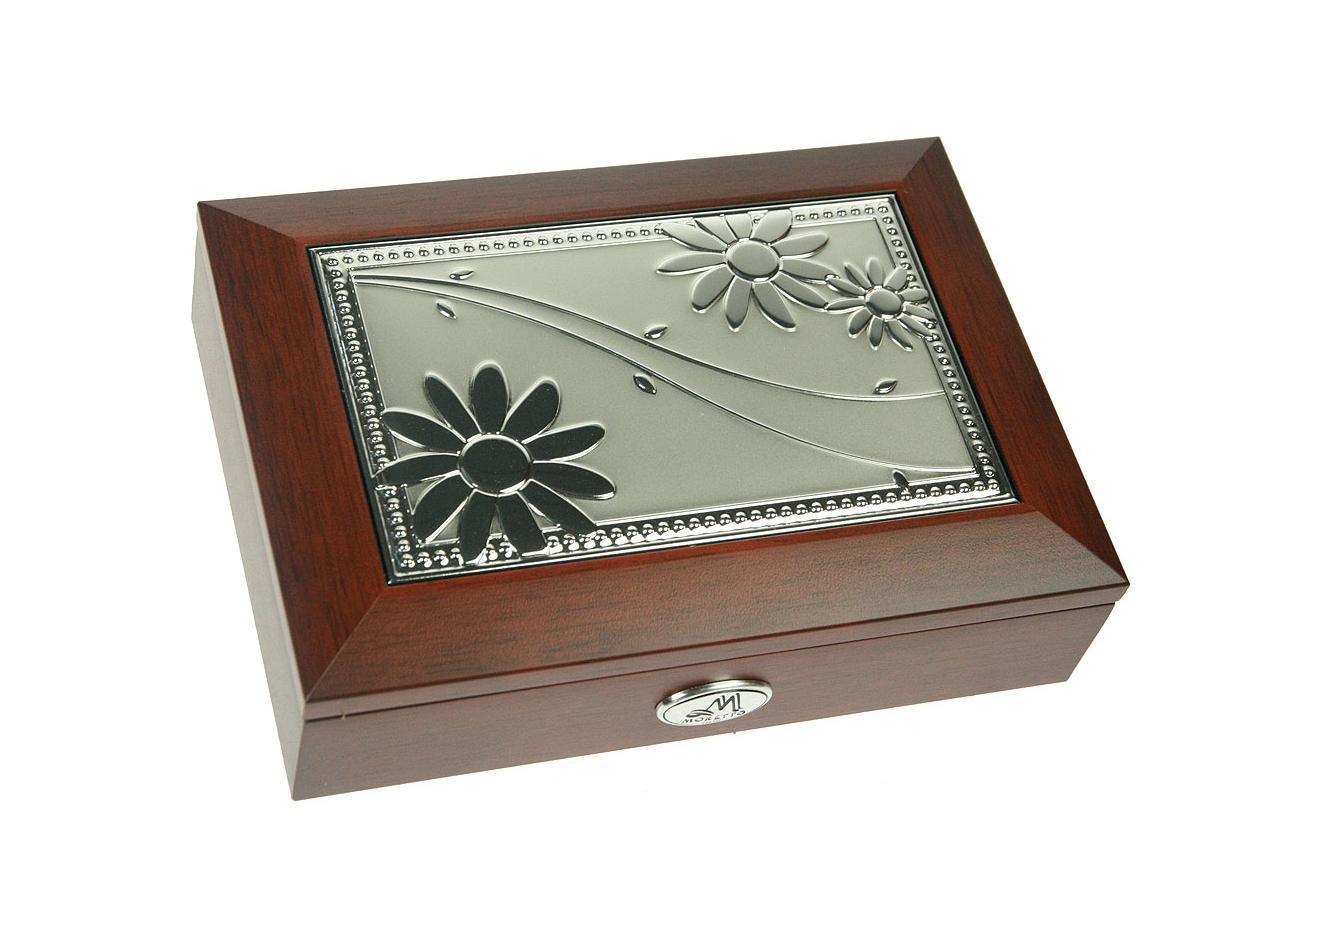 Шкатулка ювелирная Moretto, музыкальная, цвет: коричневый, 18 см х 13 см х 5 см. 139559